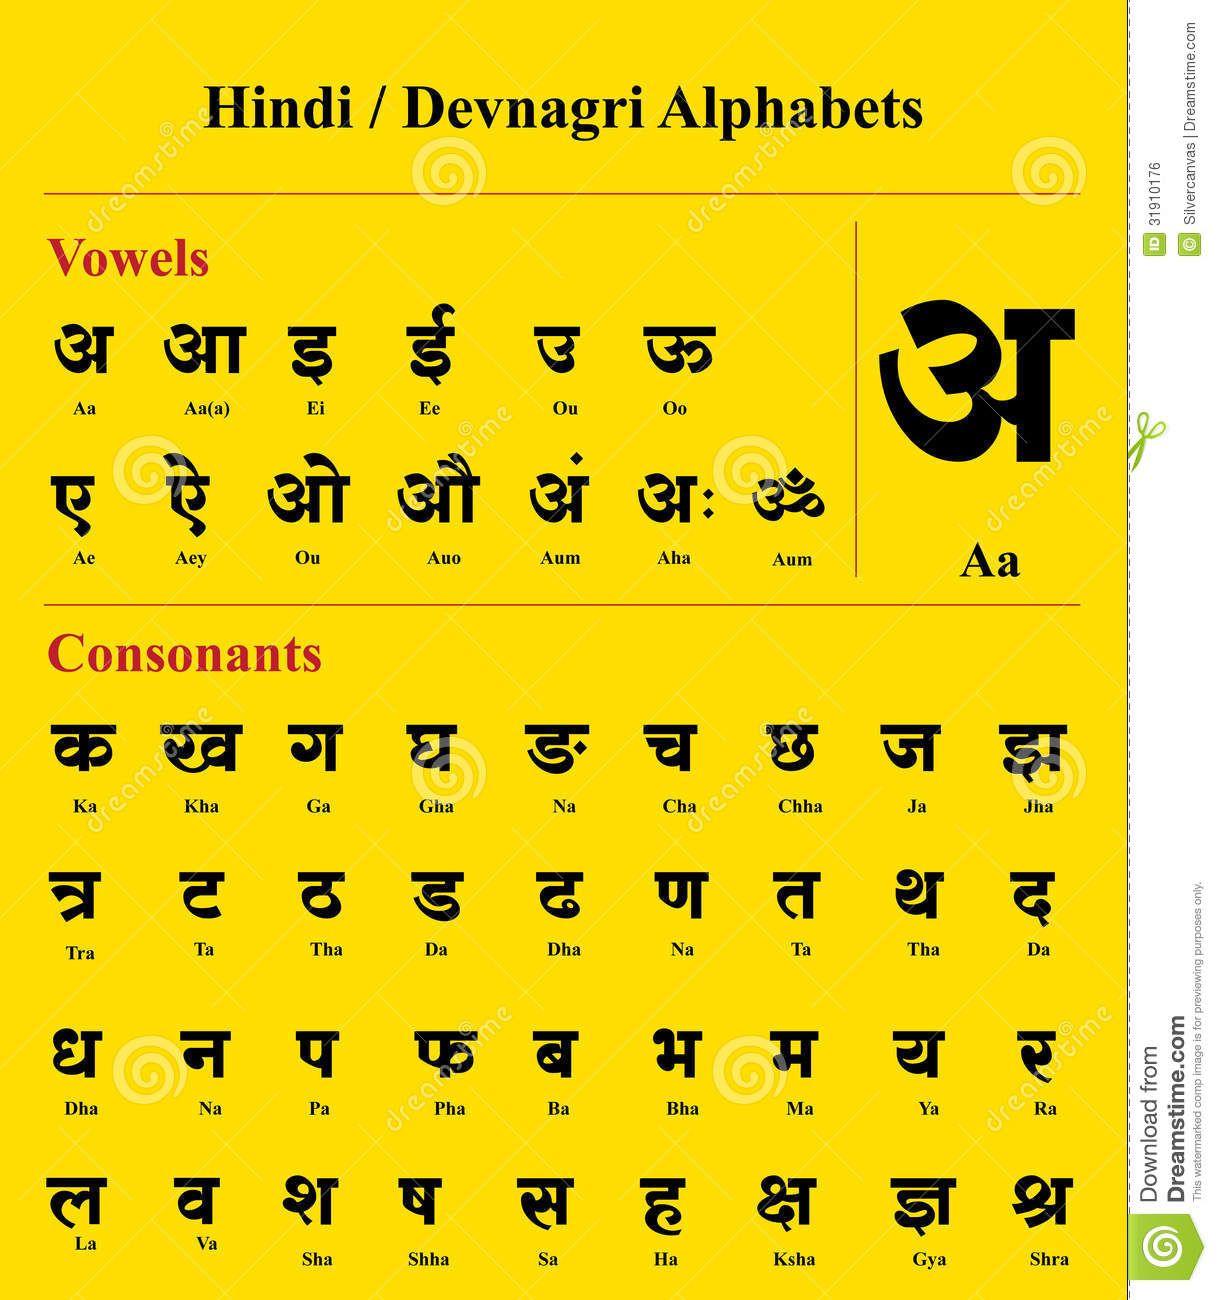 Hindi Devnagari Alphabet Devanagari English Translation